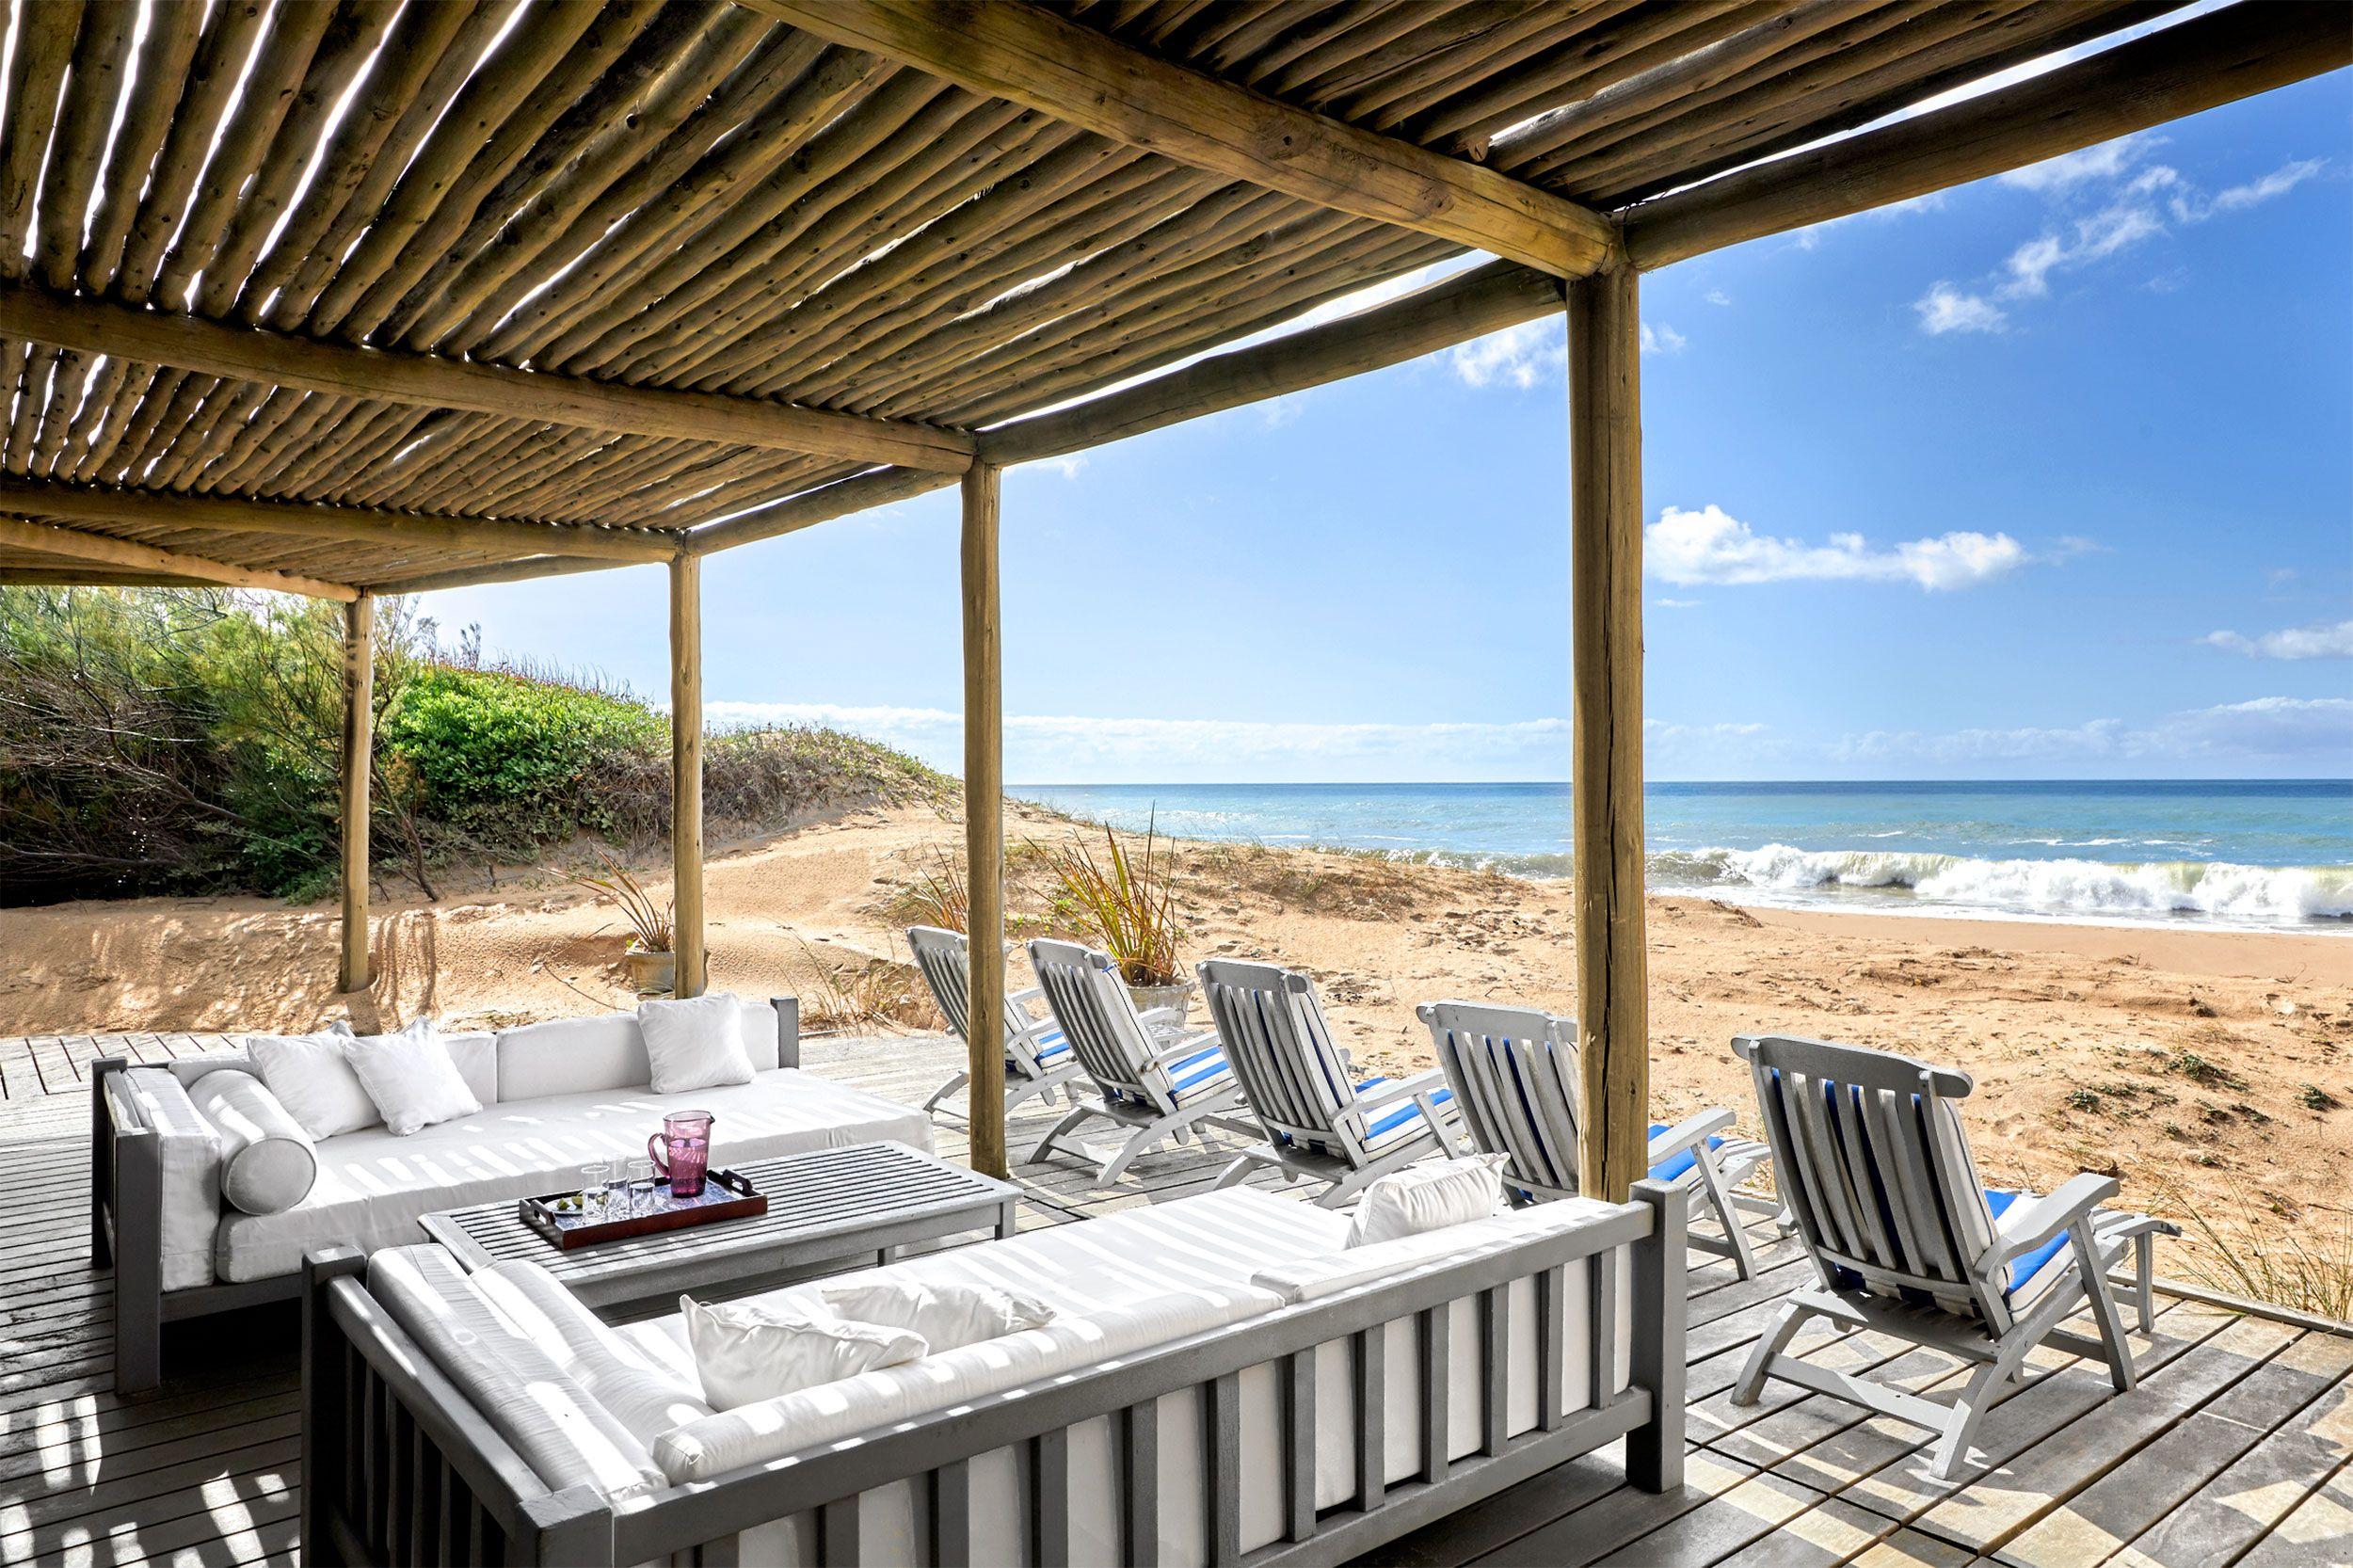 55 inspiring patio ideas gorgeous